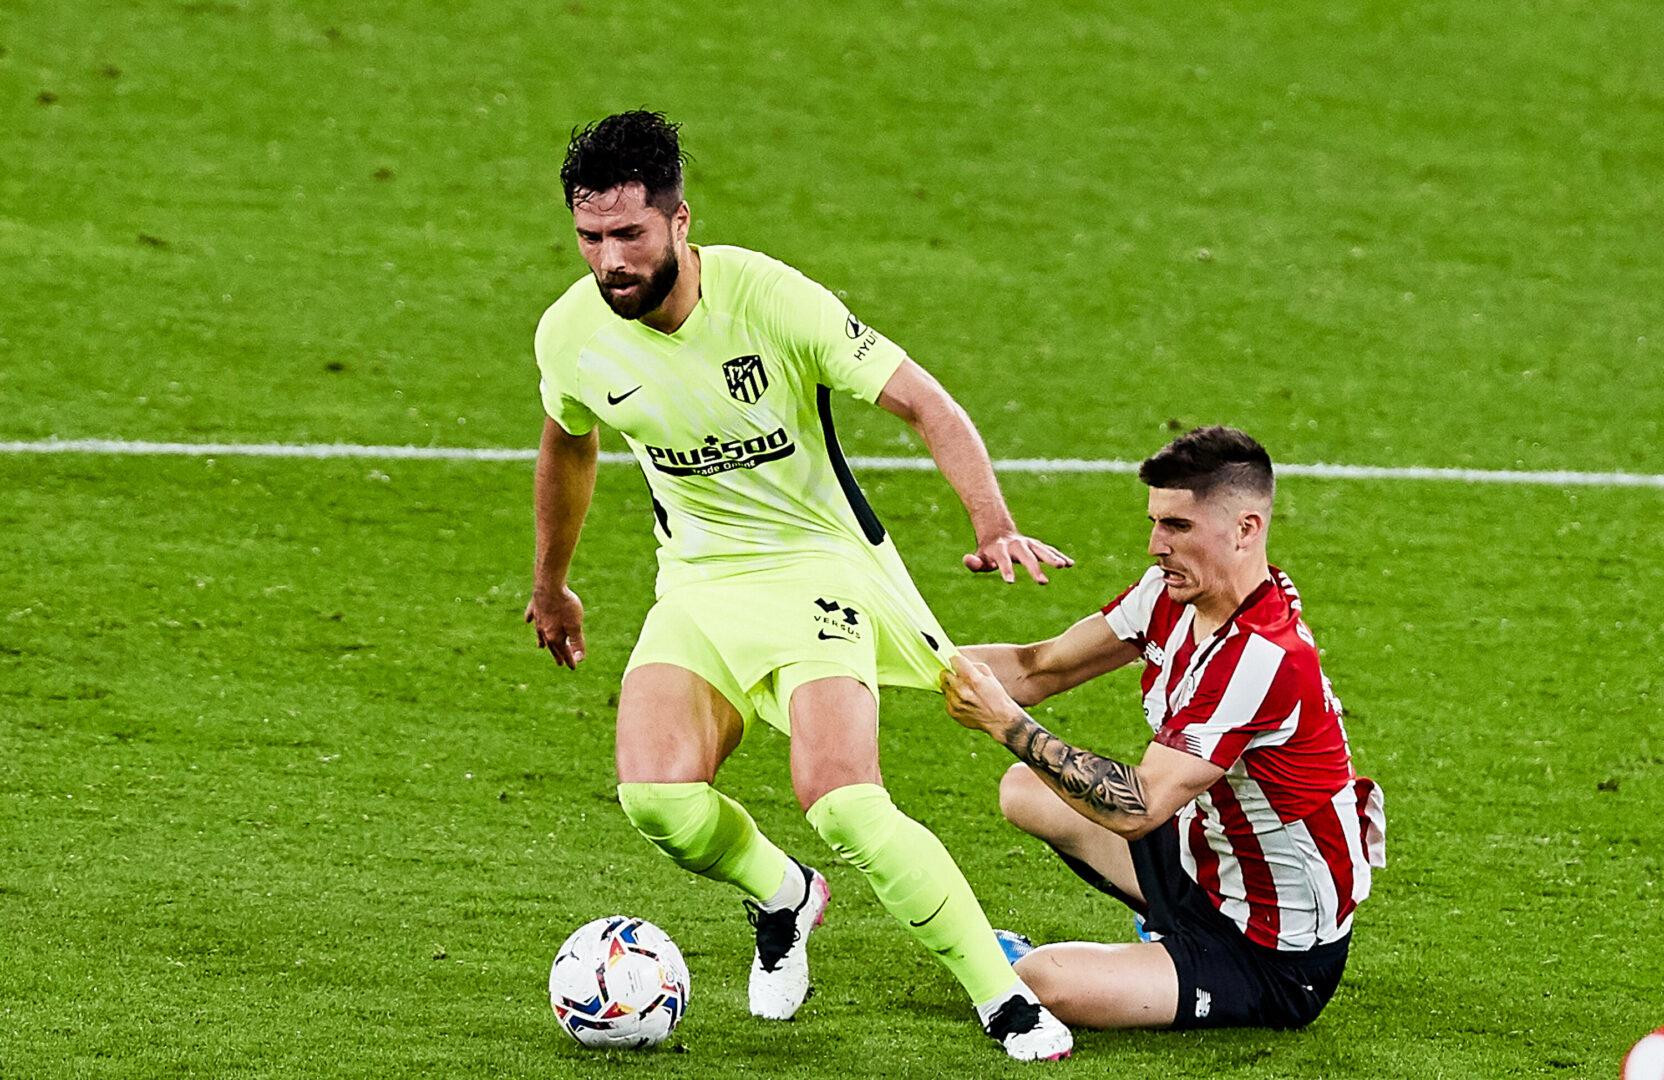 La Liga: Topspiel zwischen Atletico Madrid und Athletic